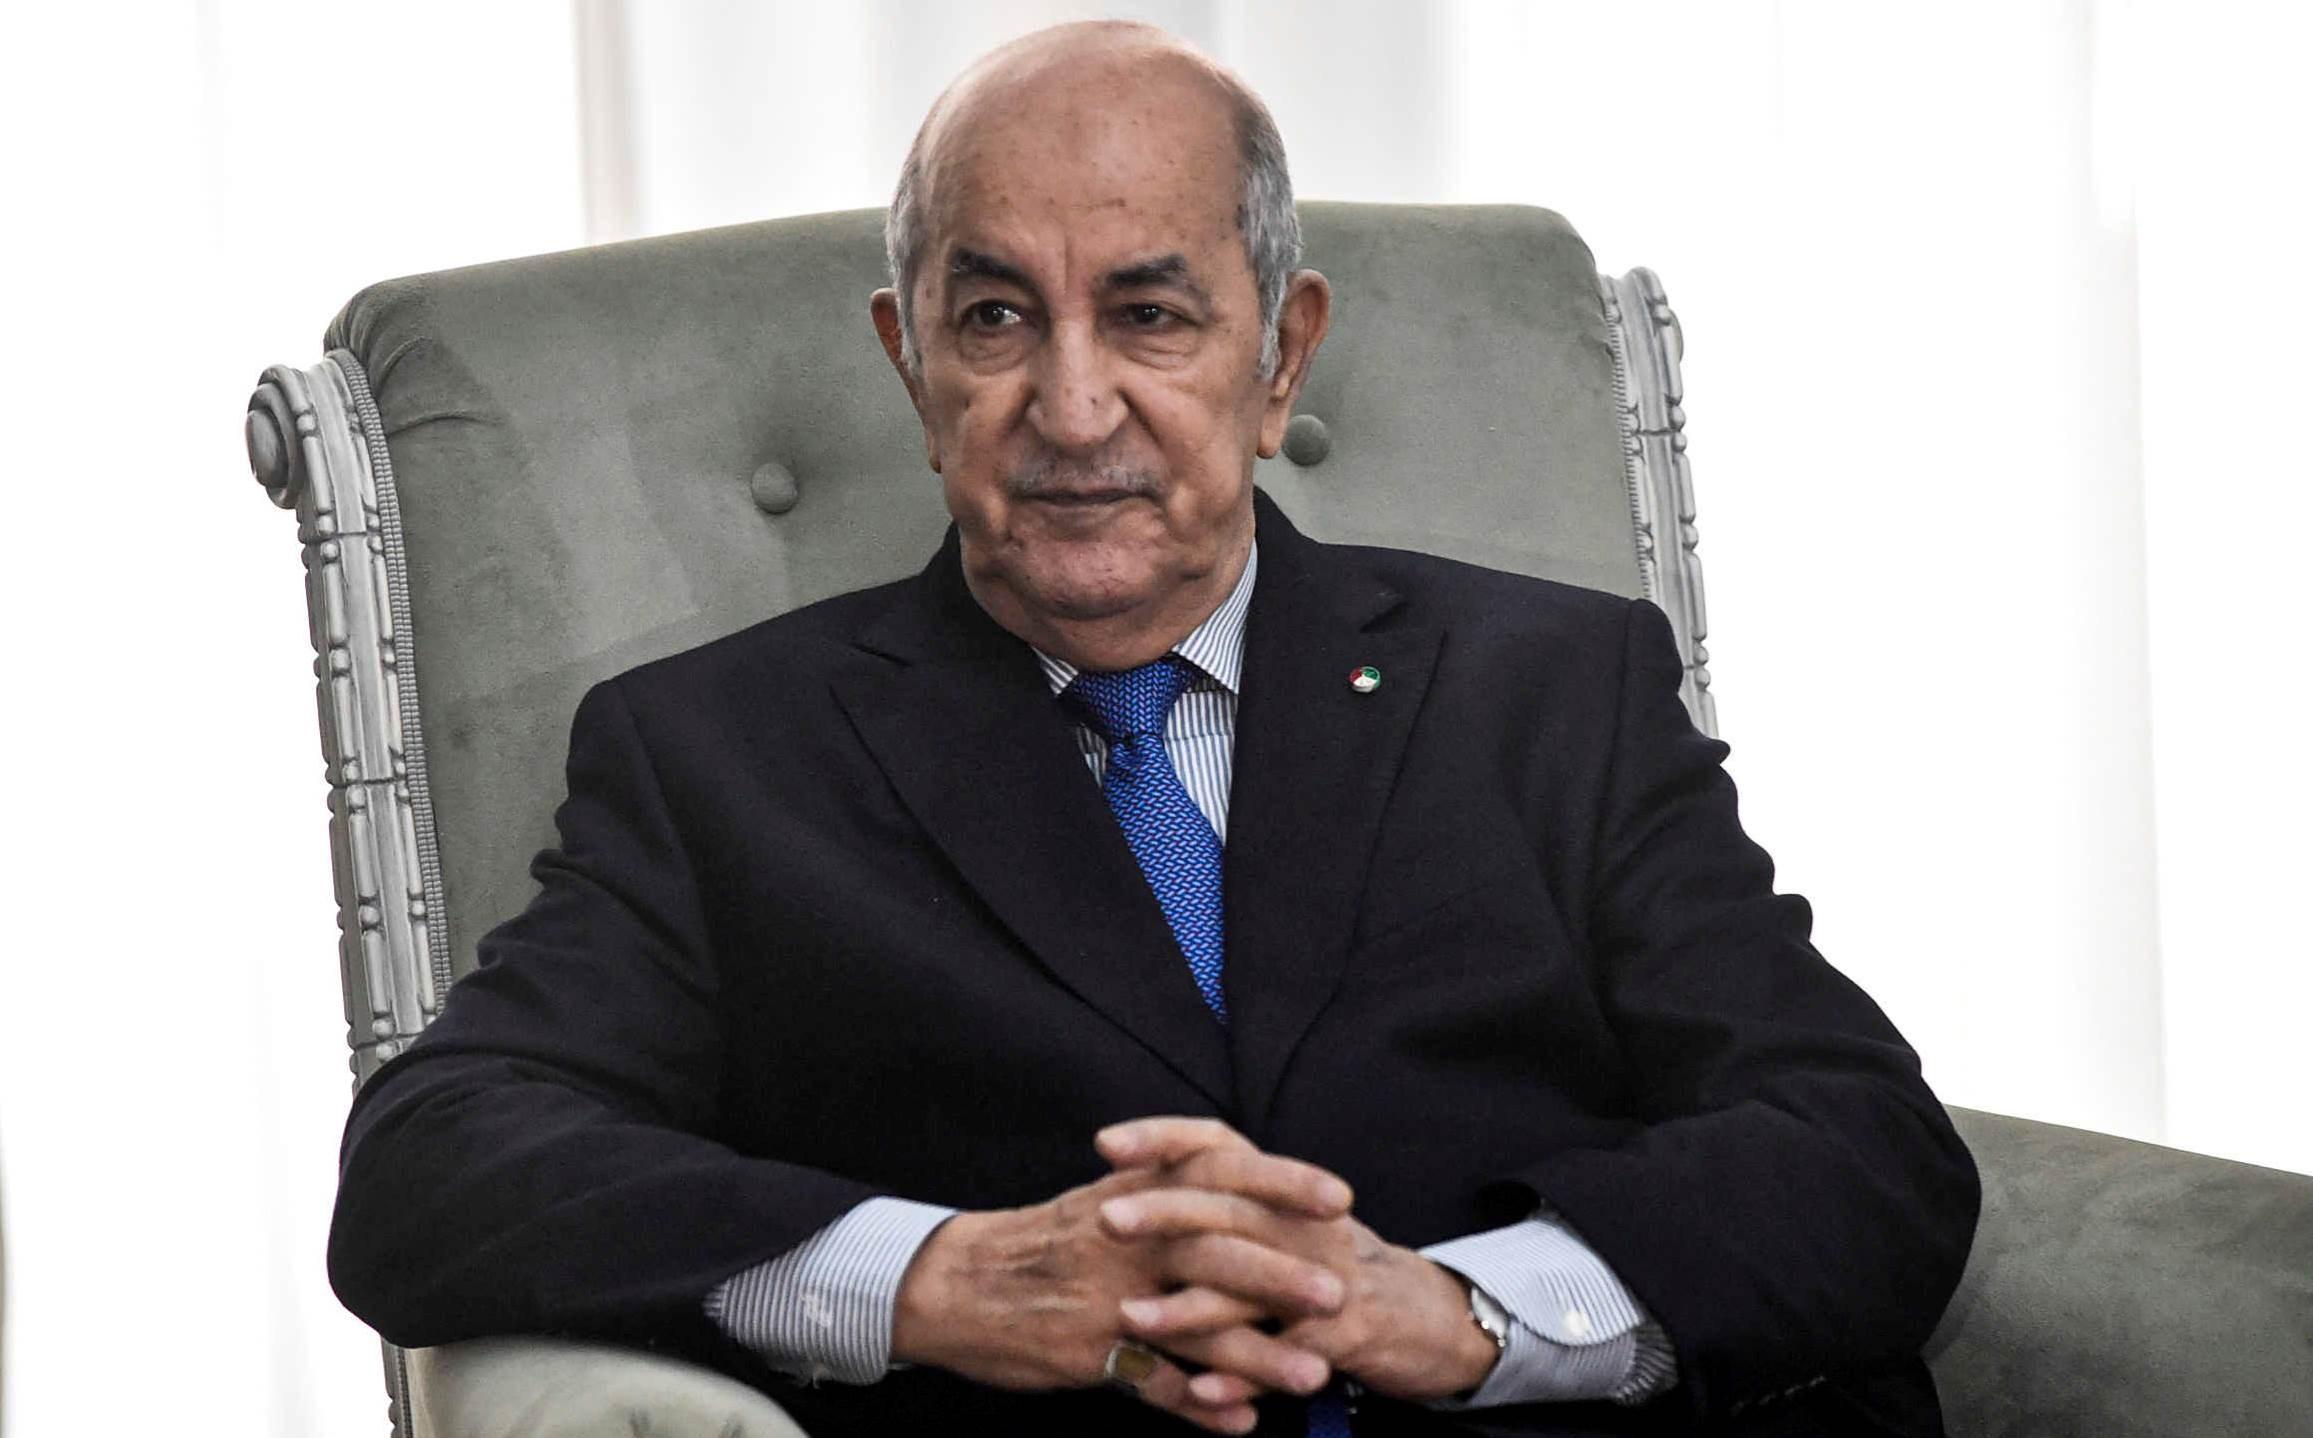 الرئيس الجزائري يعلن عن إرسال 4 طائرات وسفينة مساعدات إلى لبنان